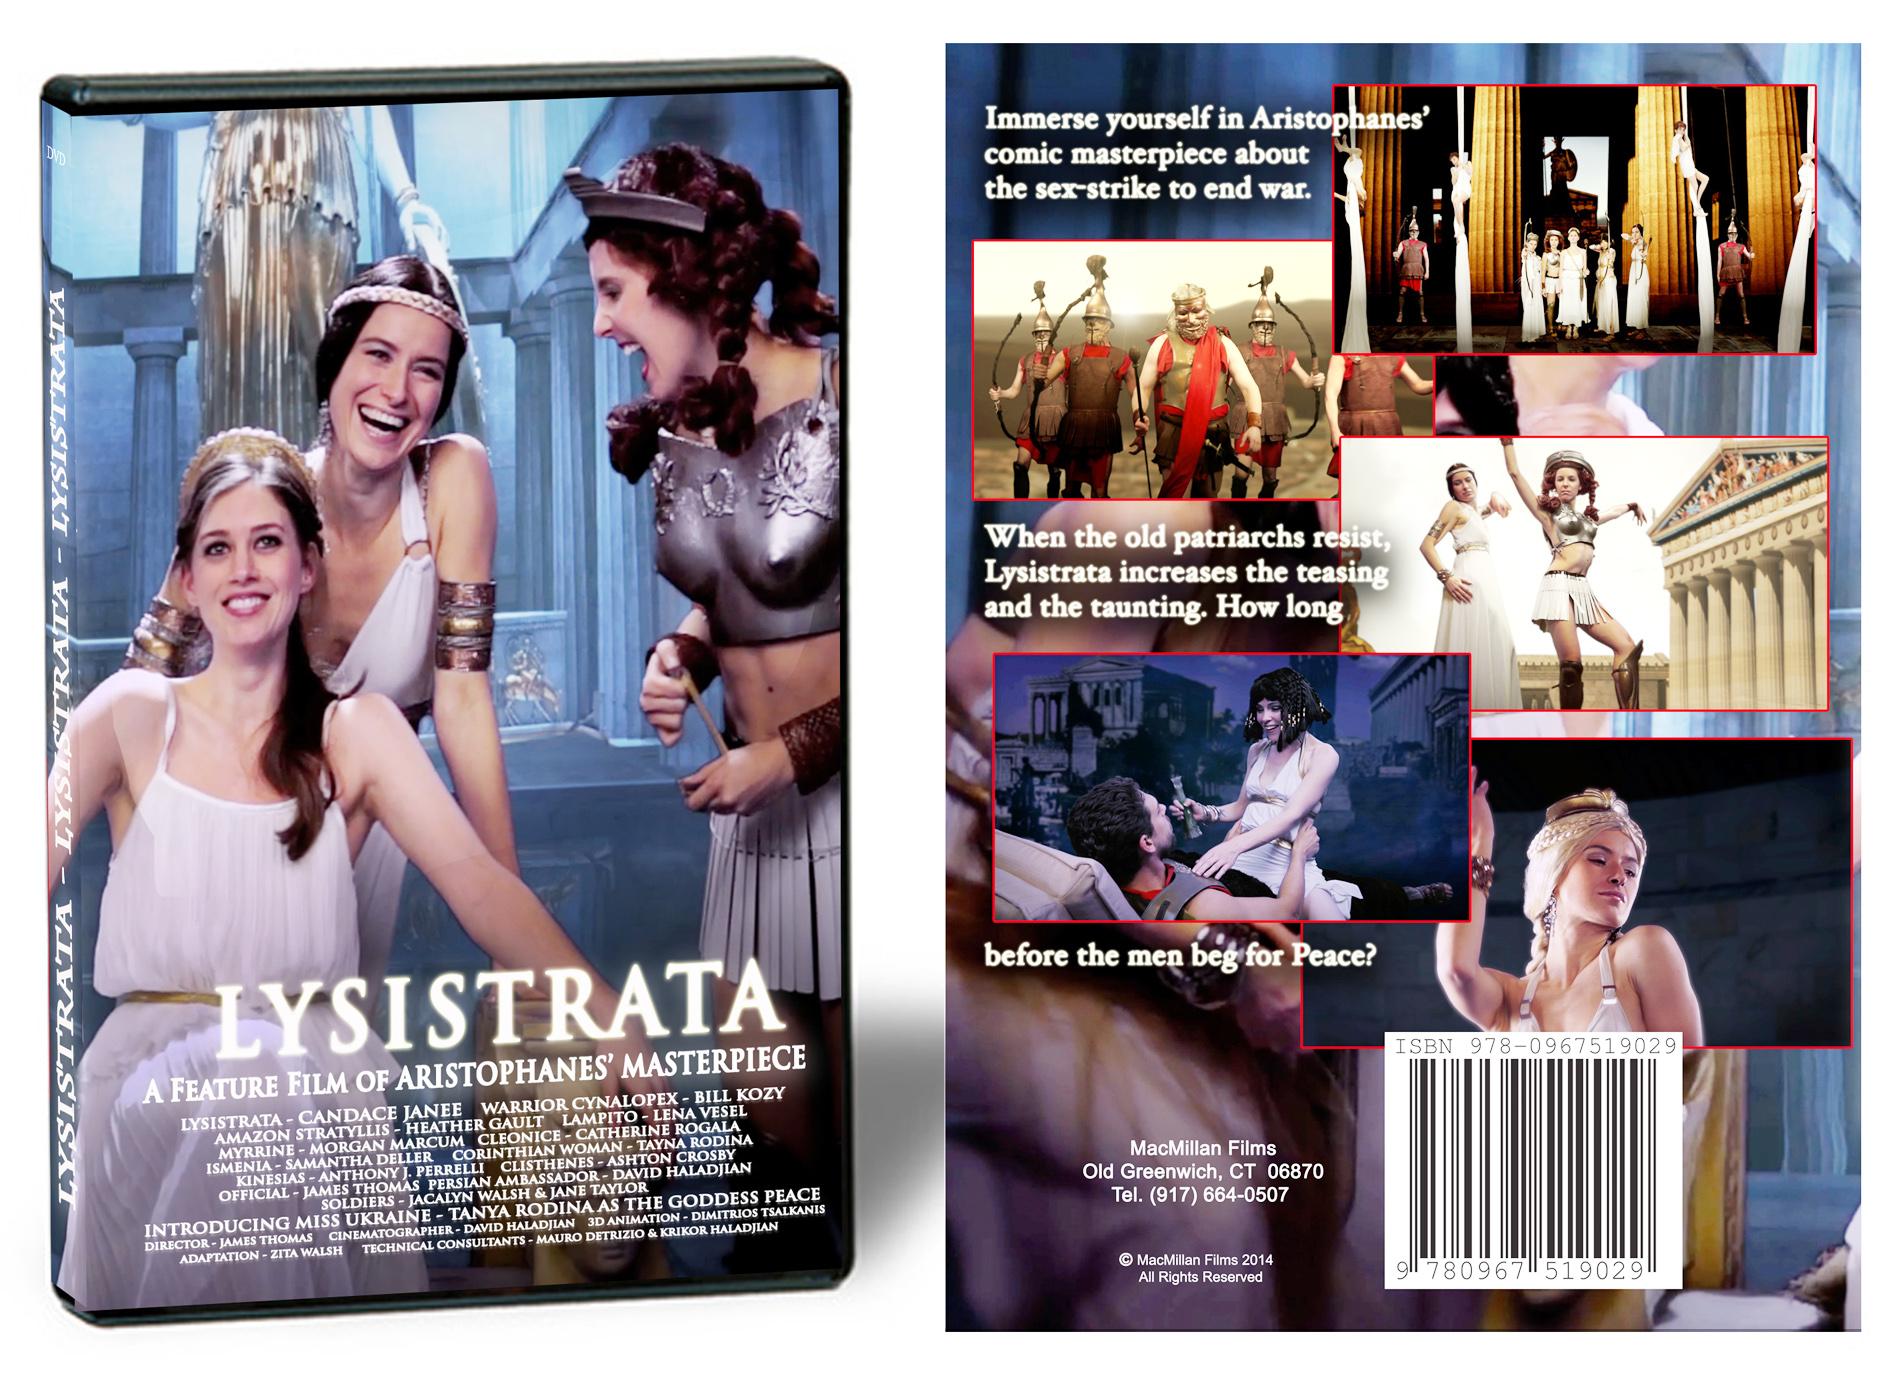 Lysistrata Feature Film Box